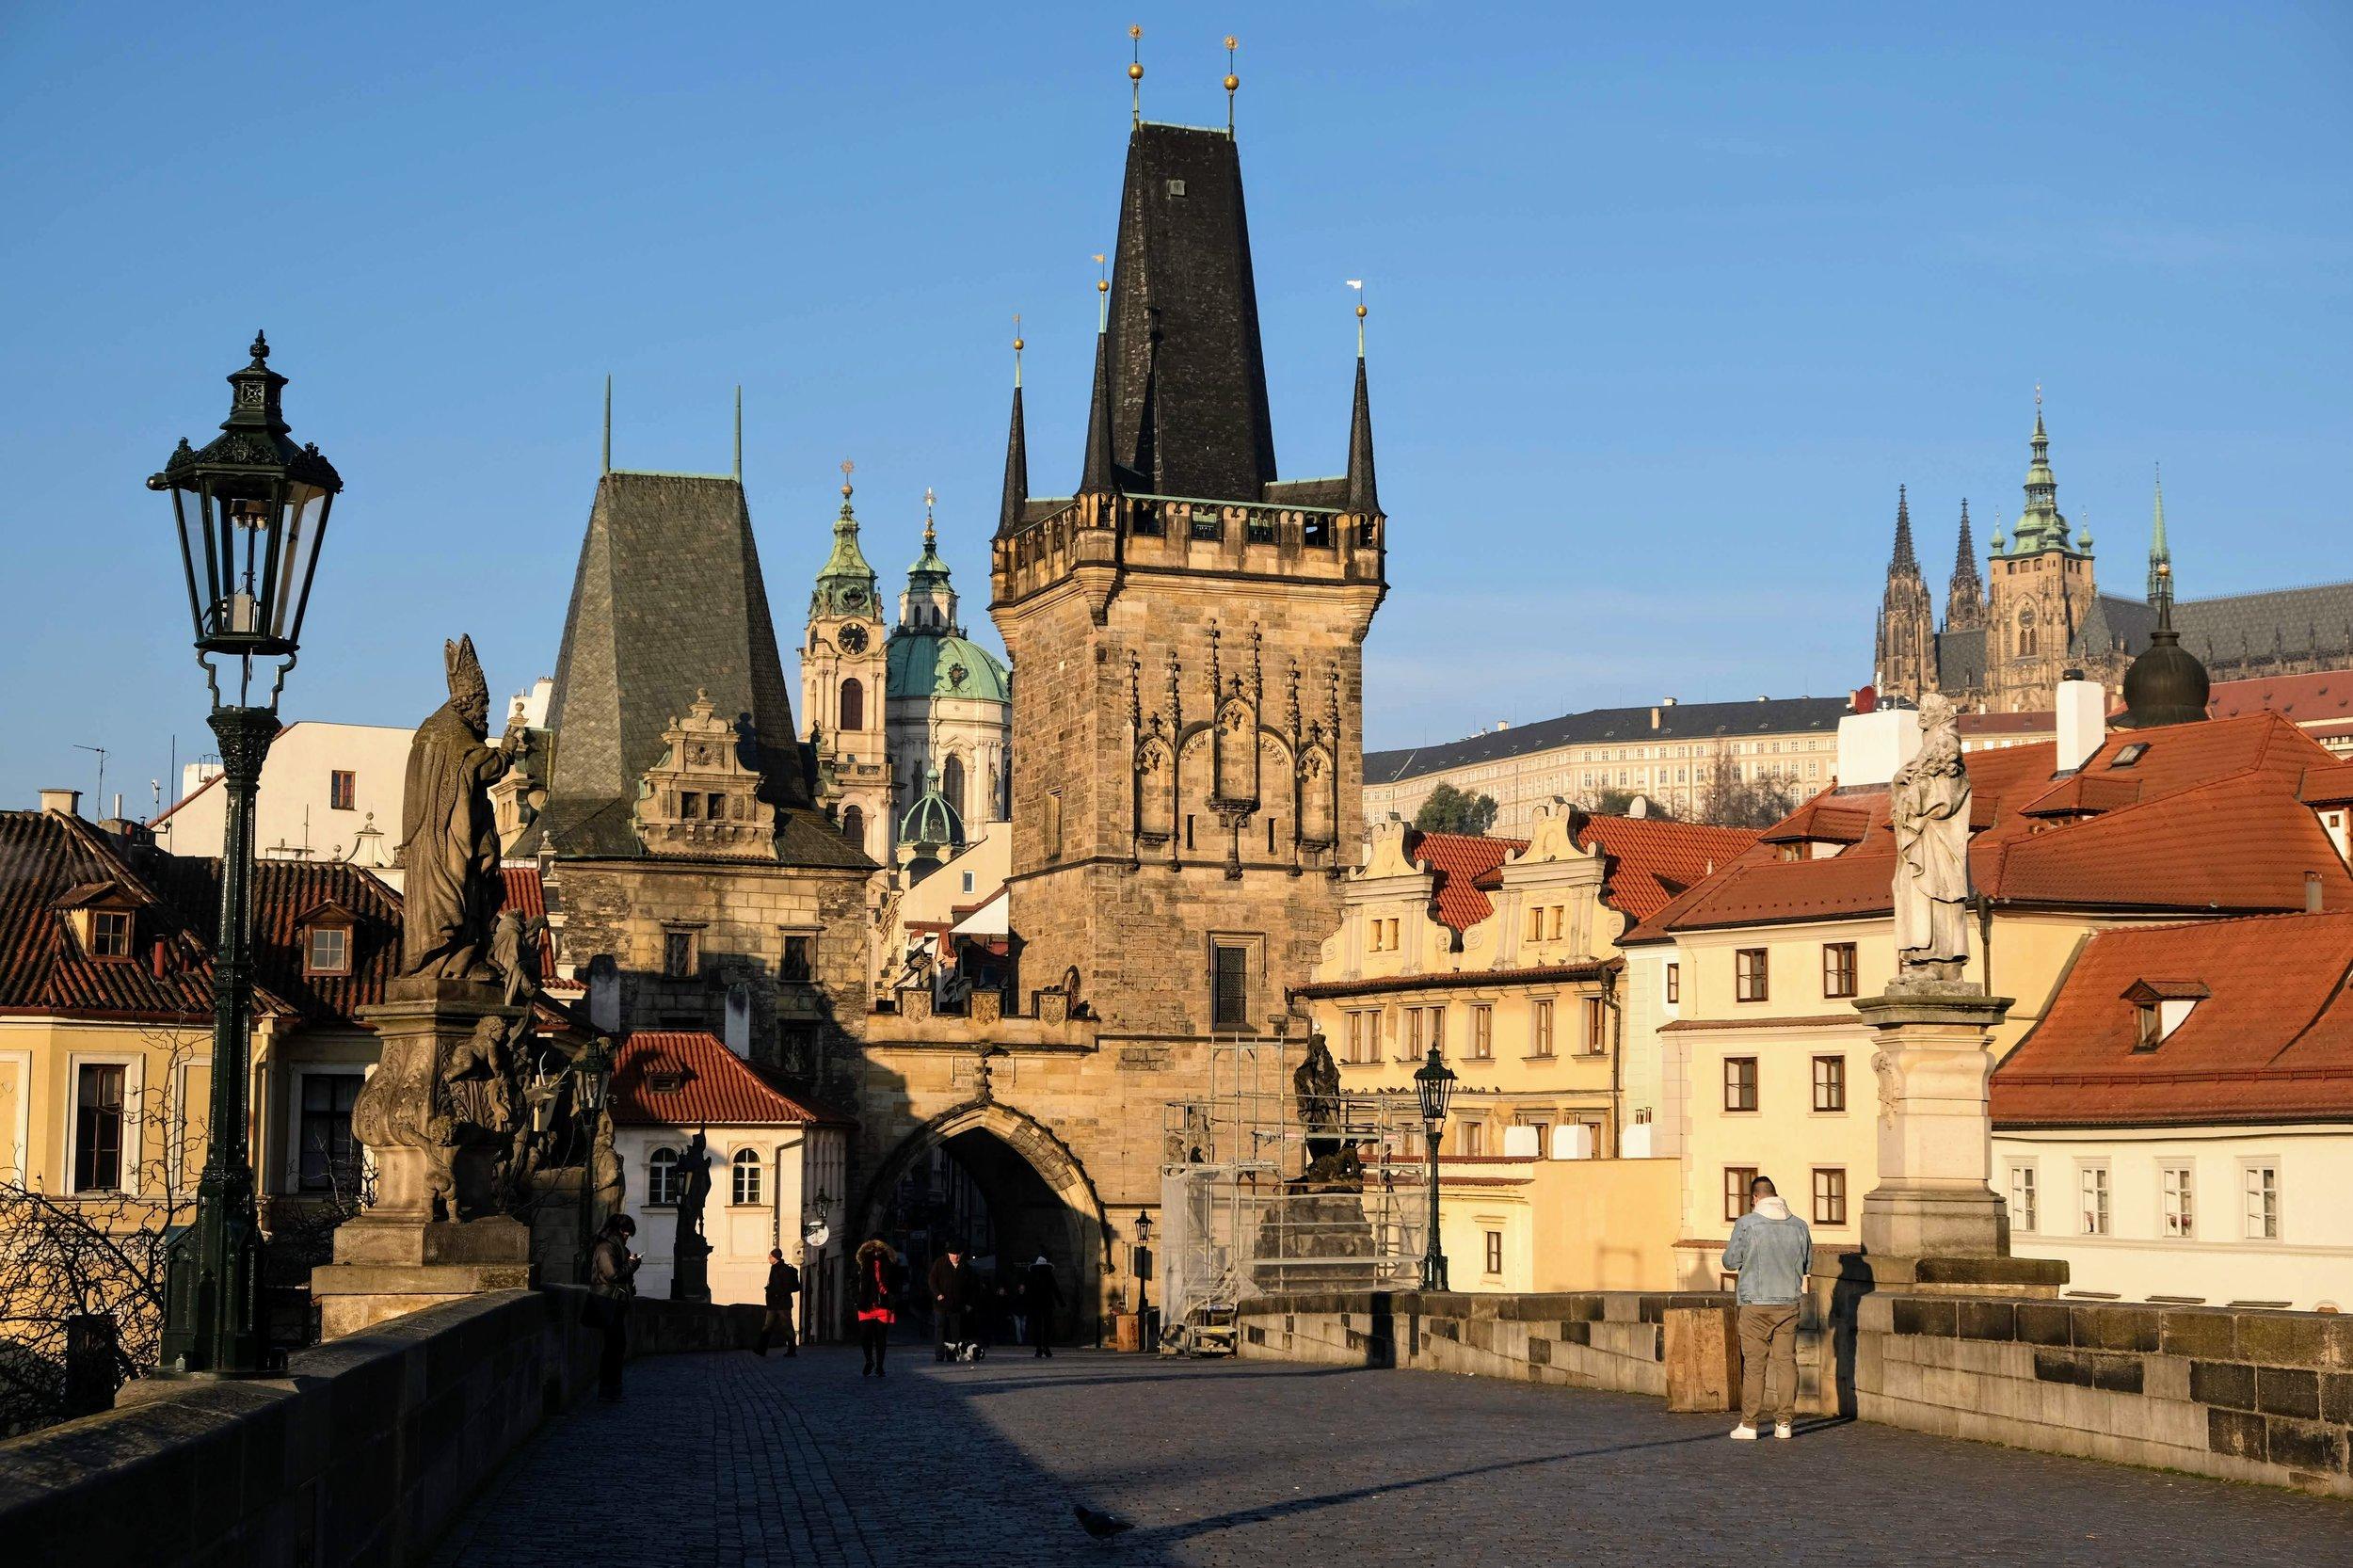 Dos Días en Praga